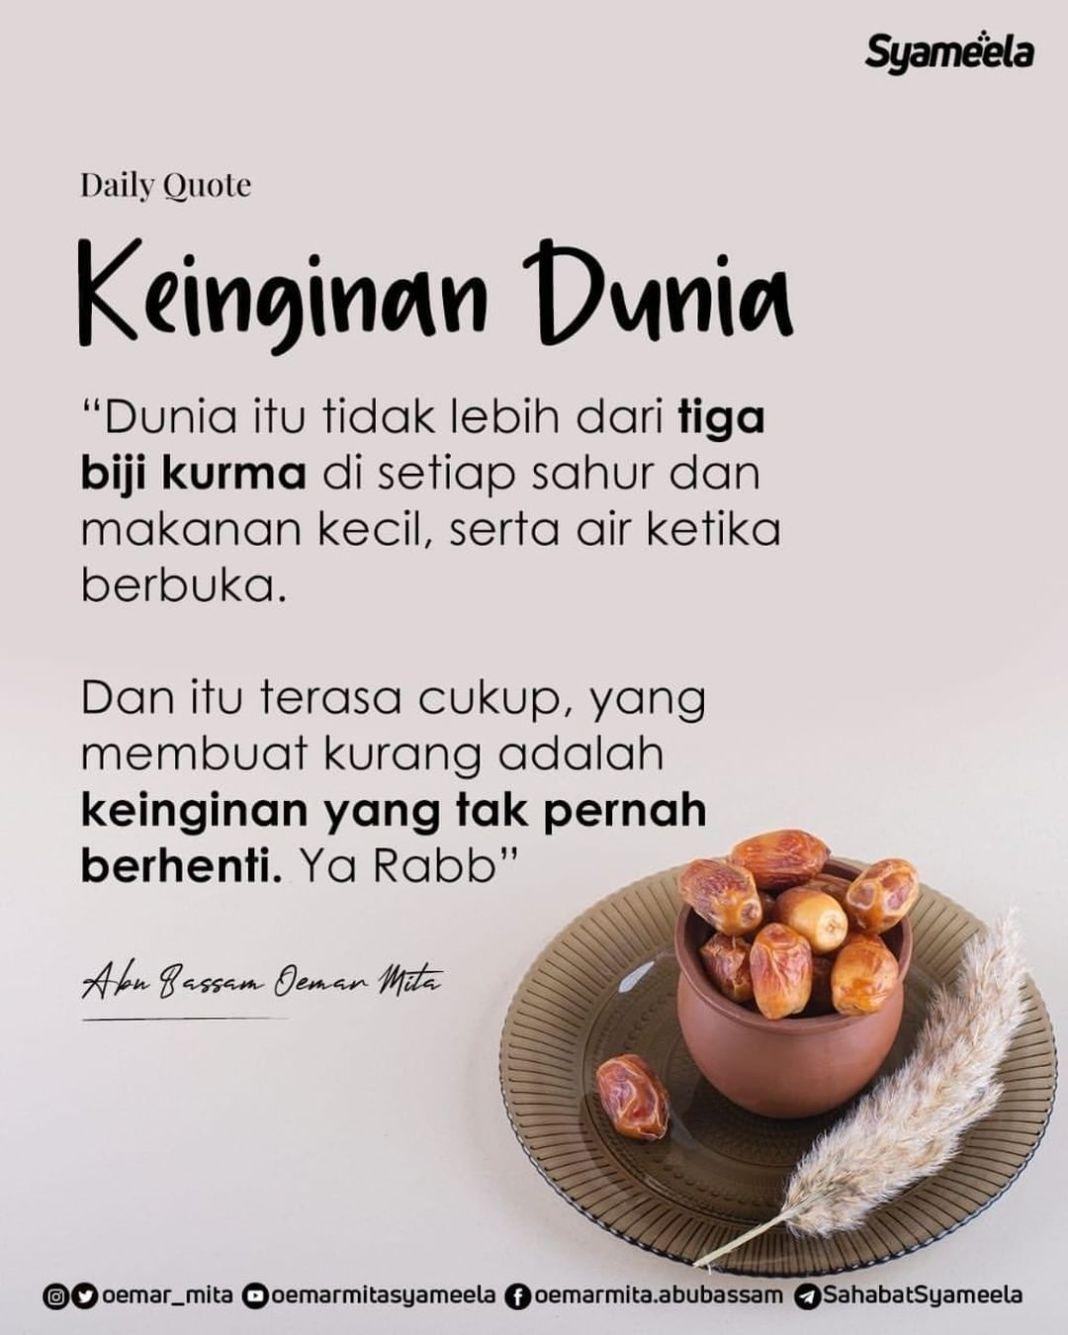 Info sehat, Ibnu Qoyyim . Sehatnya hati jiwa terdapat komitmen untuk jaga diri dari   – Terlalu bany…